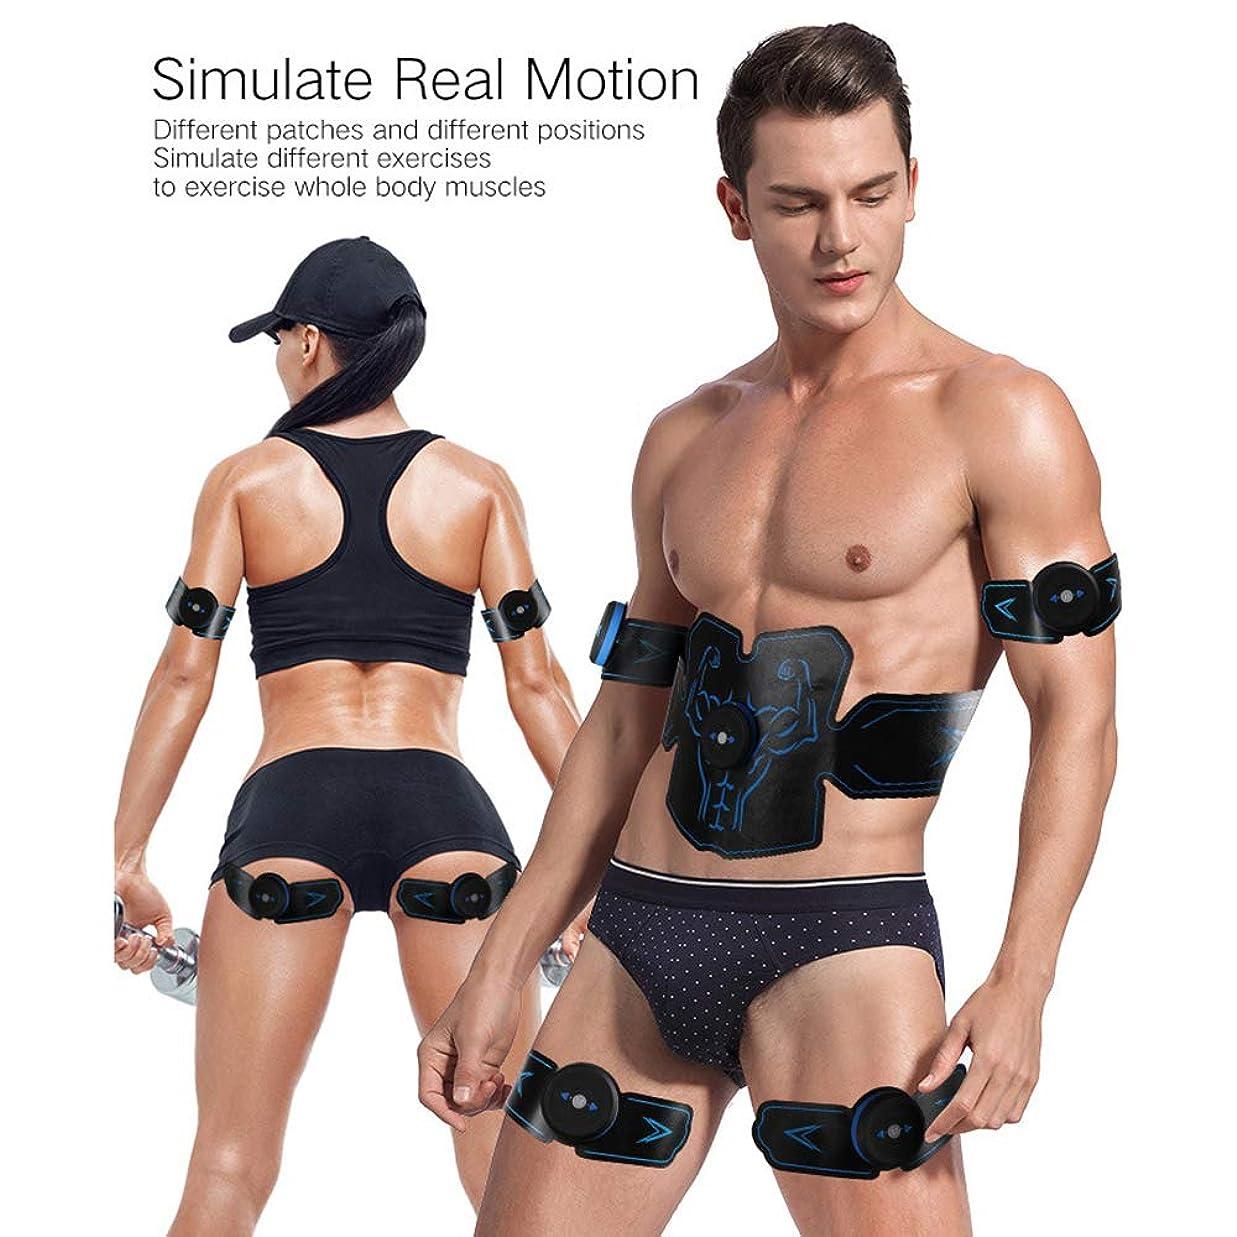 電気的マトンきちんとしたフィットネスベルト腹筋ペーストEMS筋肉刺激装置ABS安全筋肉トレーナー体重減少マッサージ機器スポーツフィットネス機器ユニセックス